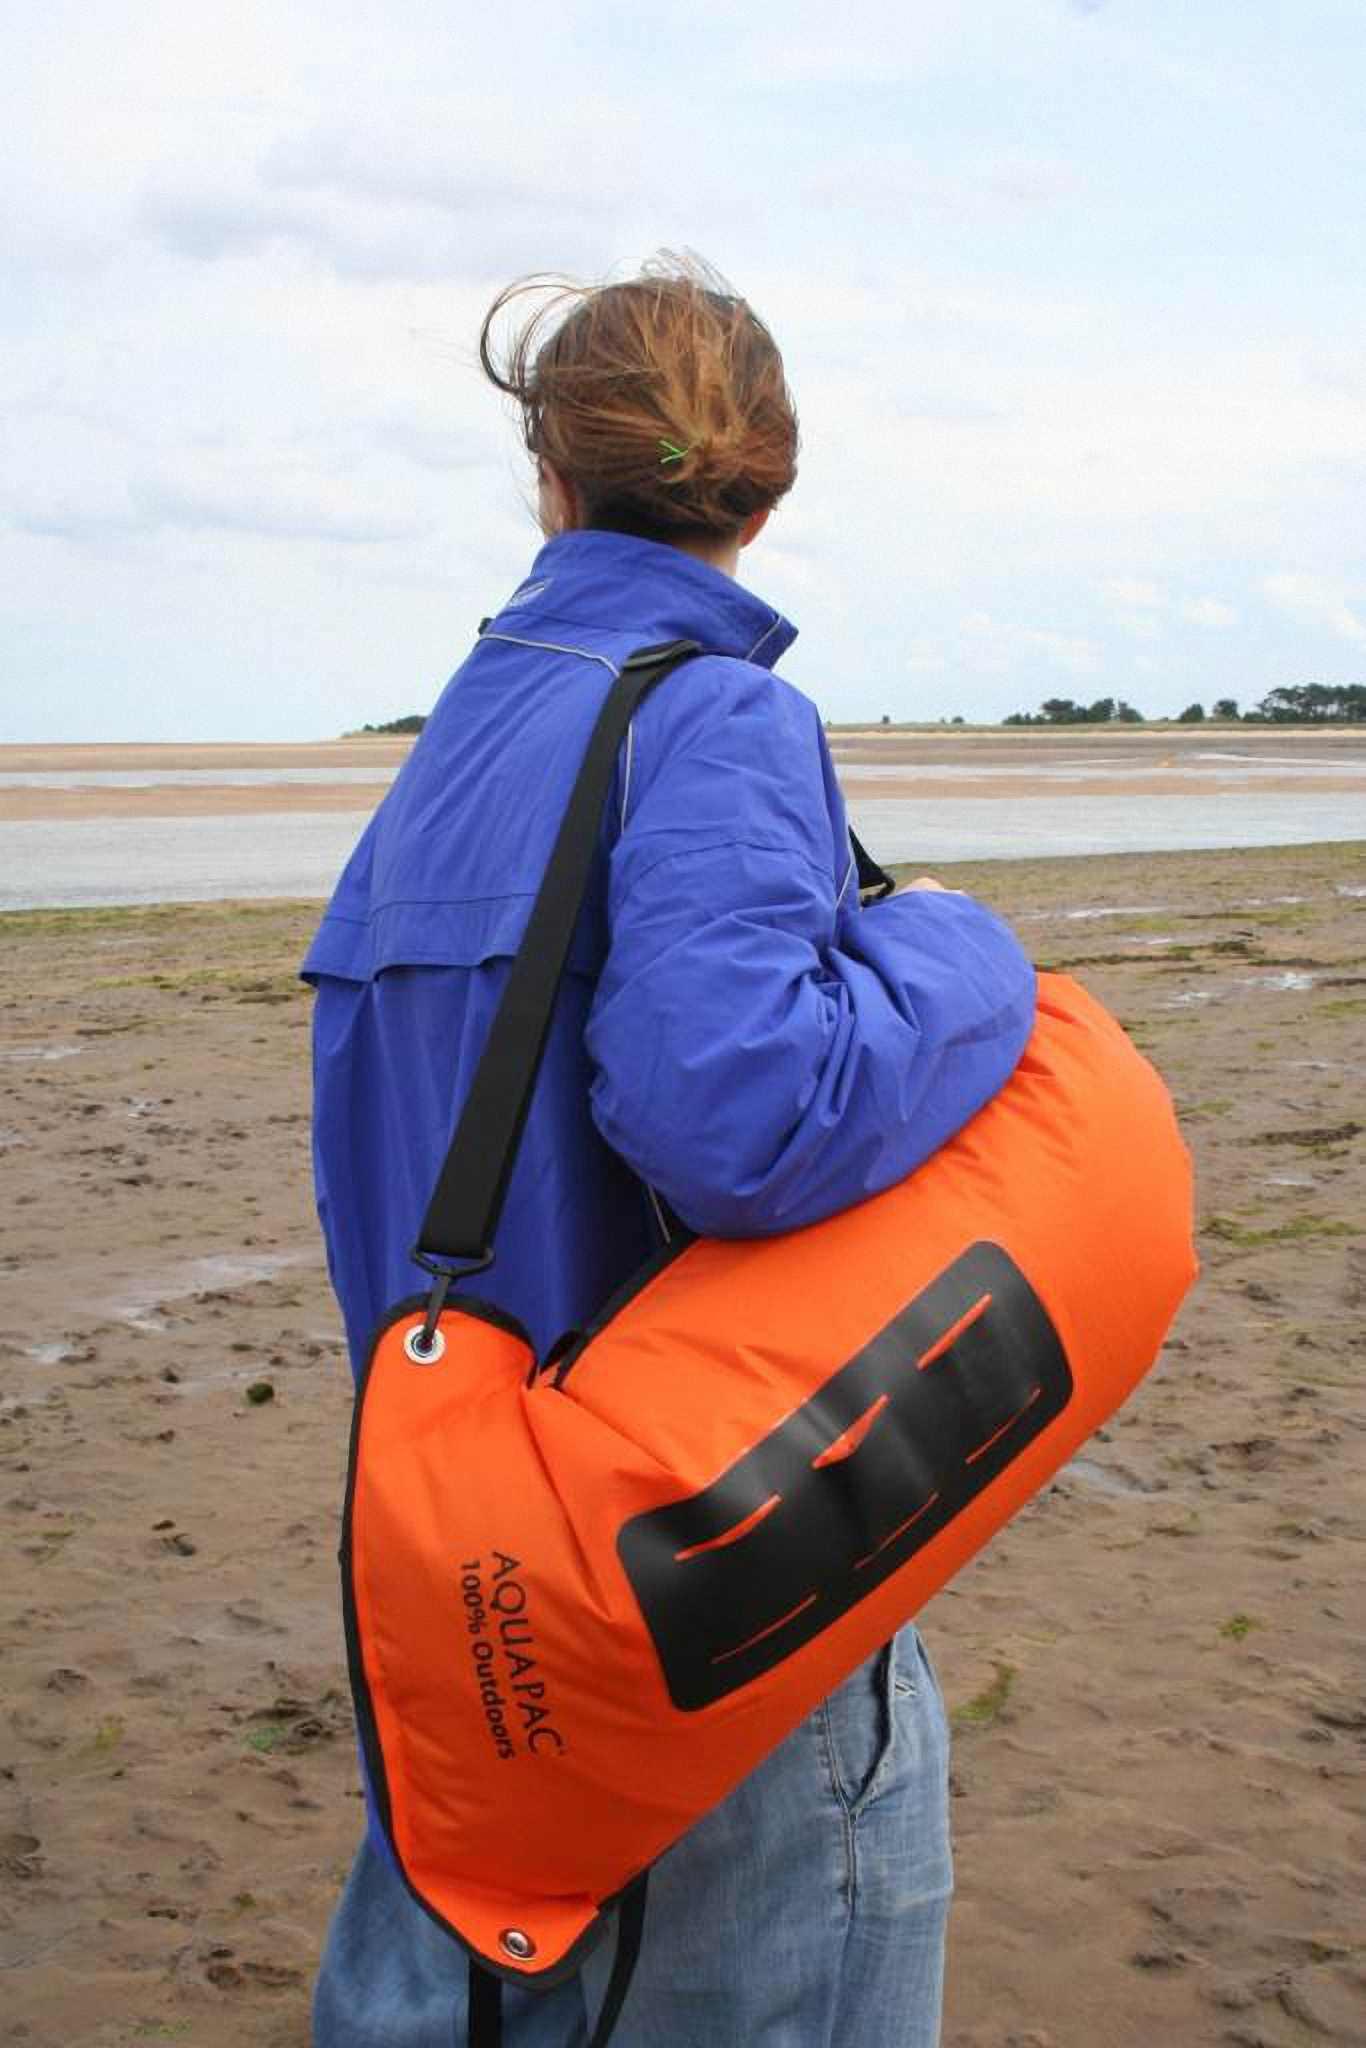 Водонепроницаемый гермомешок-рюкзак (с двумя плечевыми ремнями) Aquapac 771 - Noatak Wet & Drybag - 25L.. Aquapac - №1 в мире водонепроницаемых чехлов и сумок. Фото 4